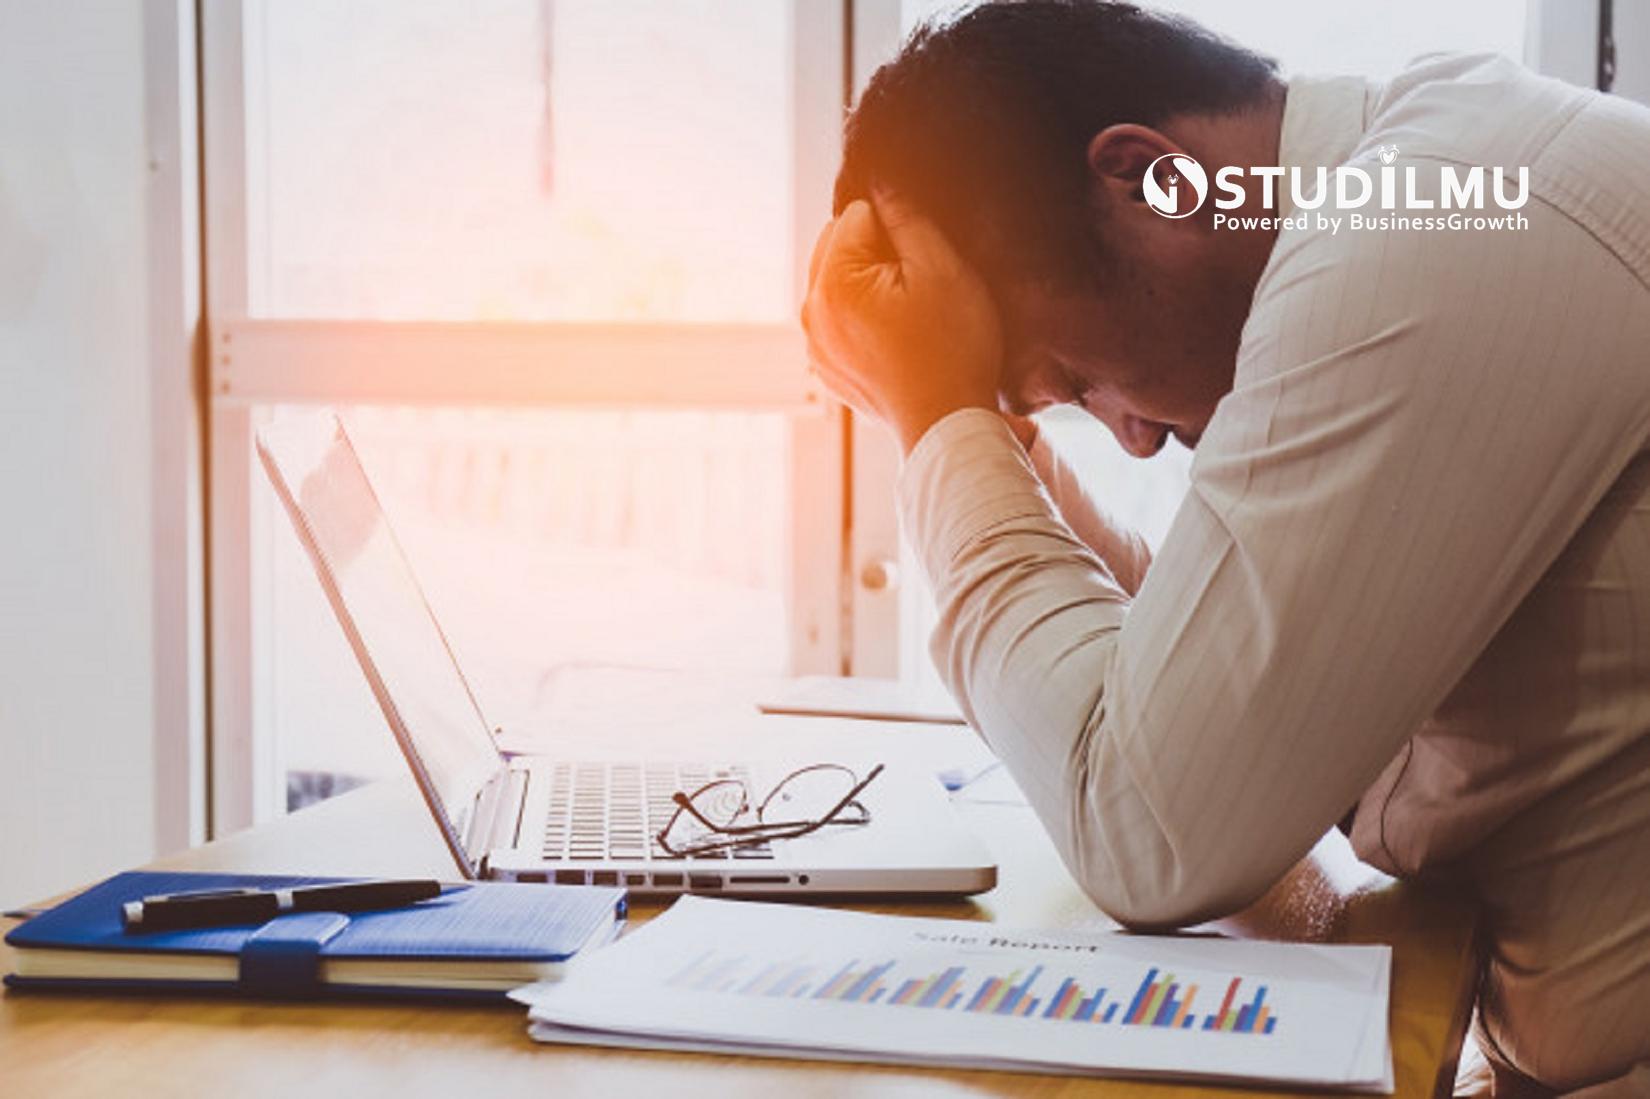 STUDILMU Career Advice - 10 Cara Membangun Konflik dan Stres Kerja yang Baik